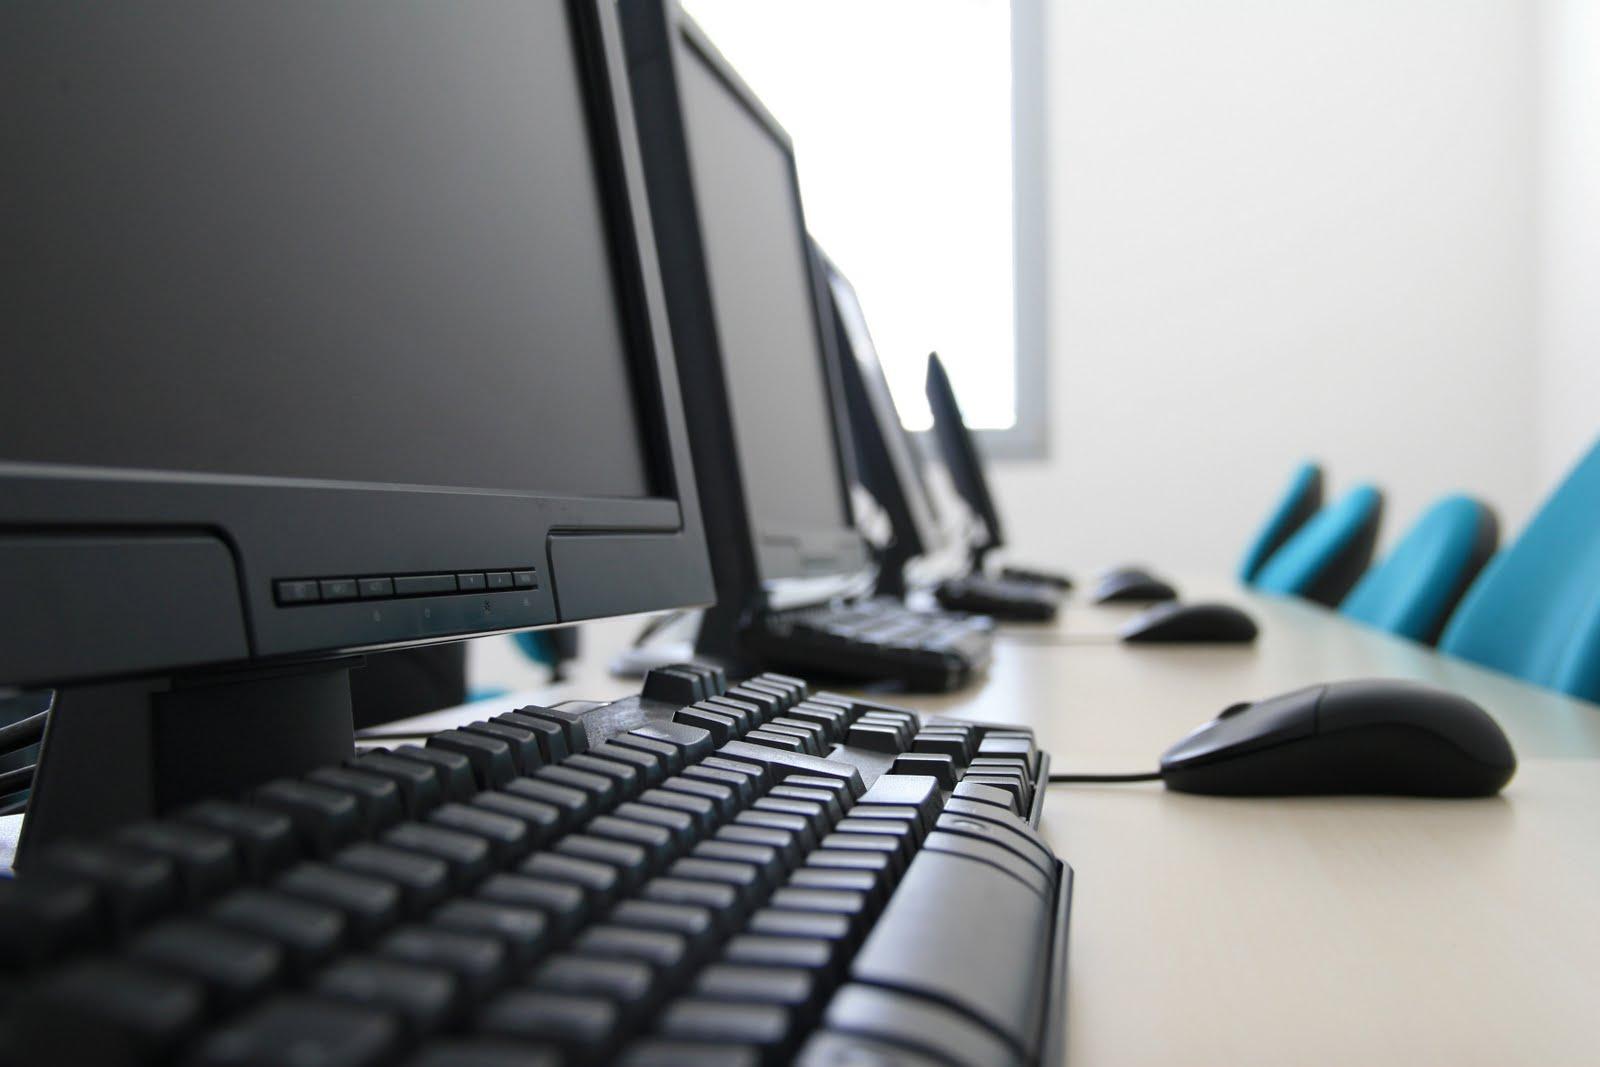 Os computadores mudaram os conceitos de comunicação